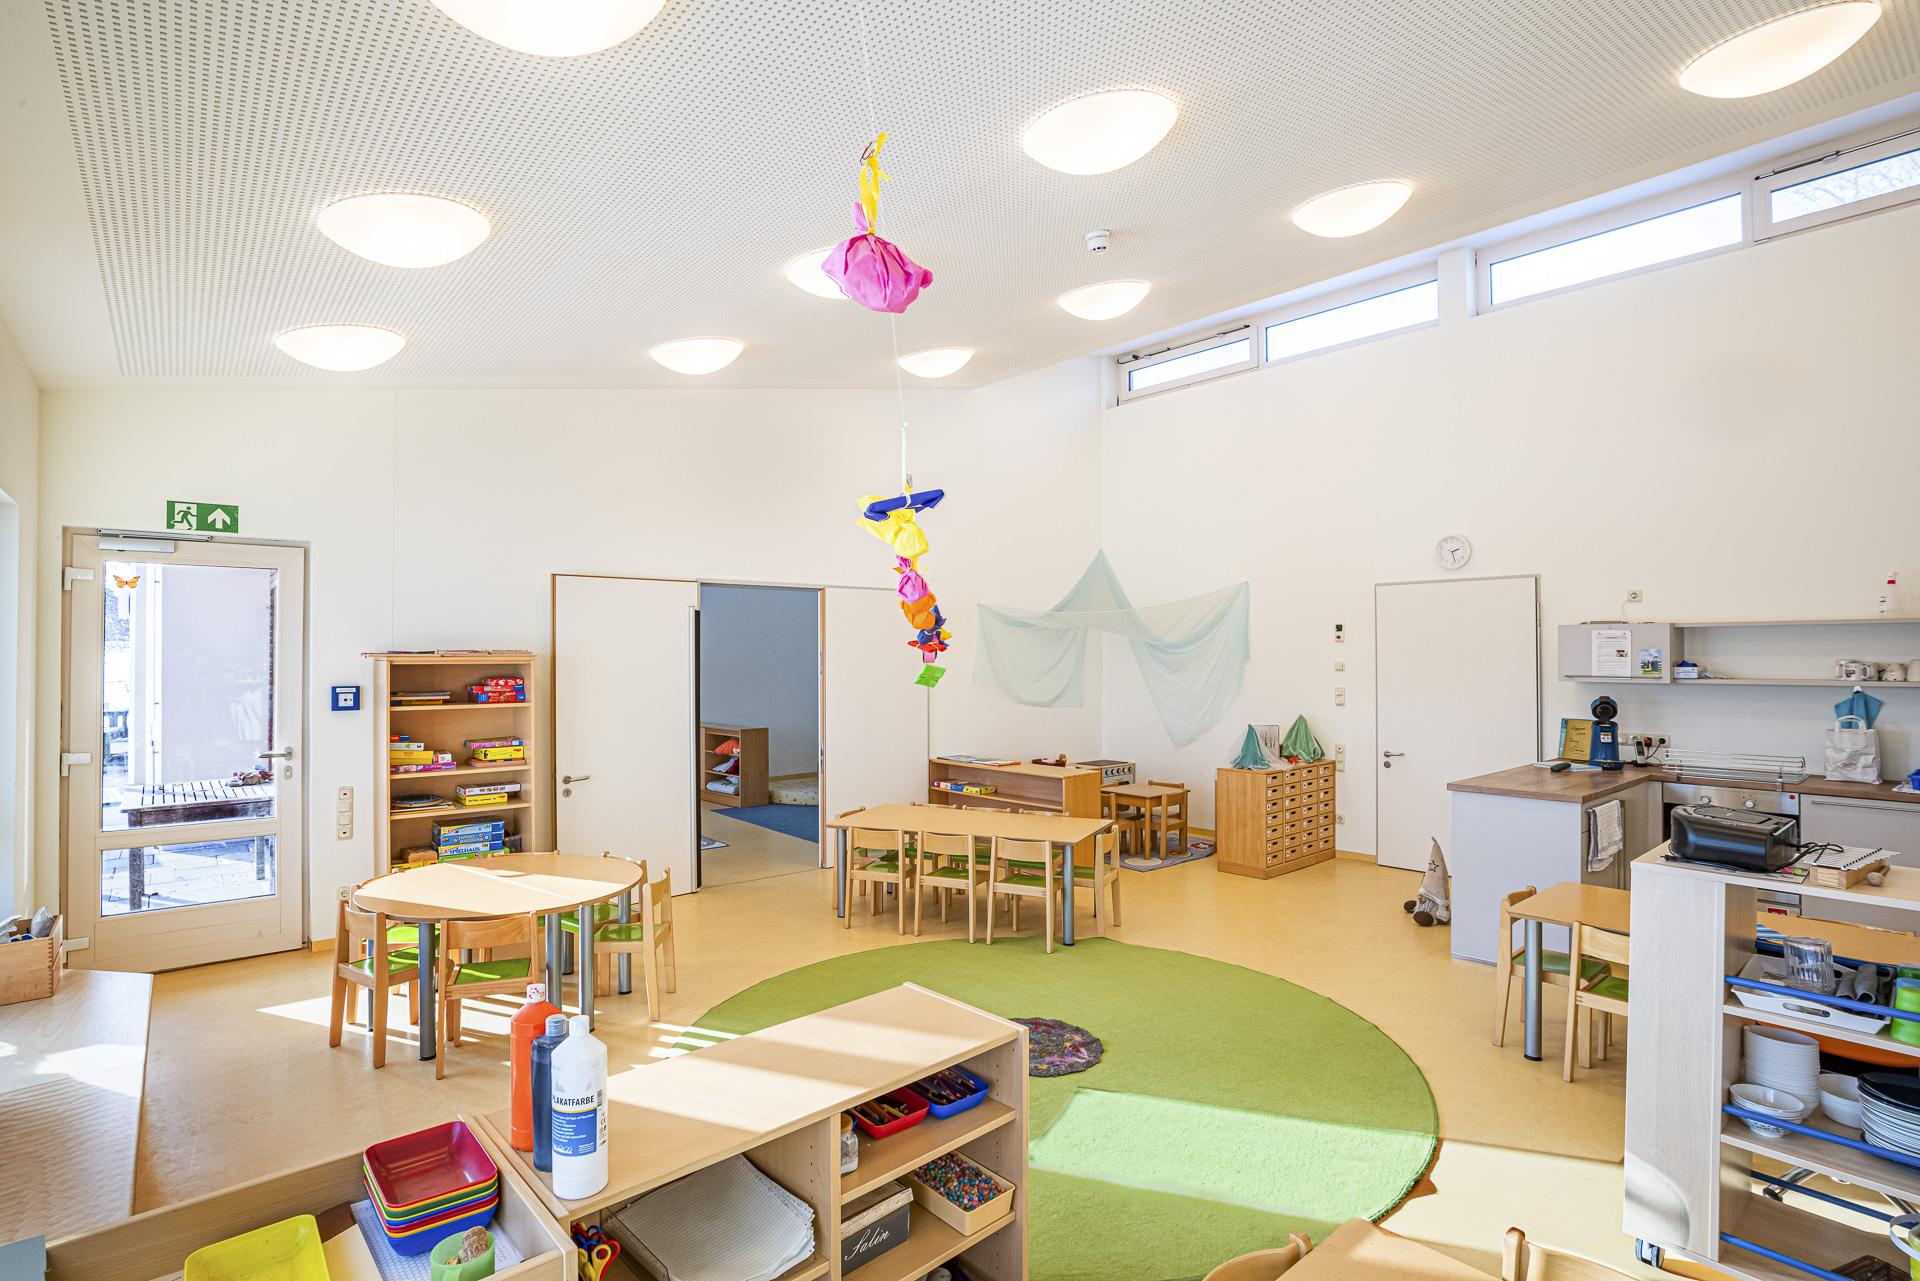 BRK_Kindergarten_Web_1920_Pxls-9